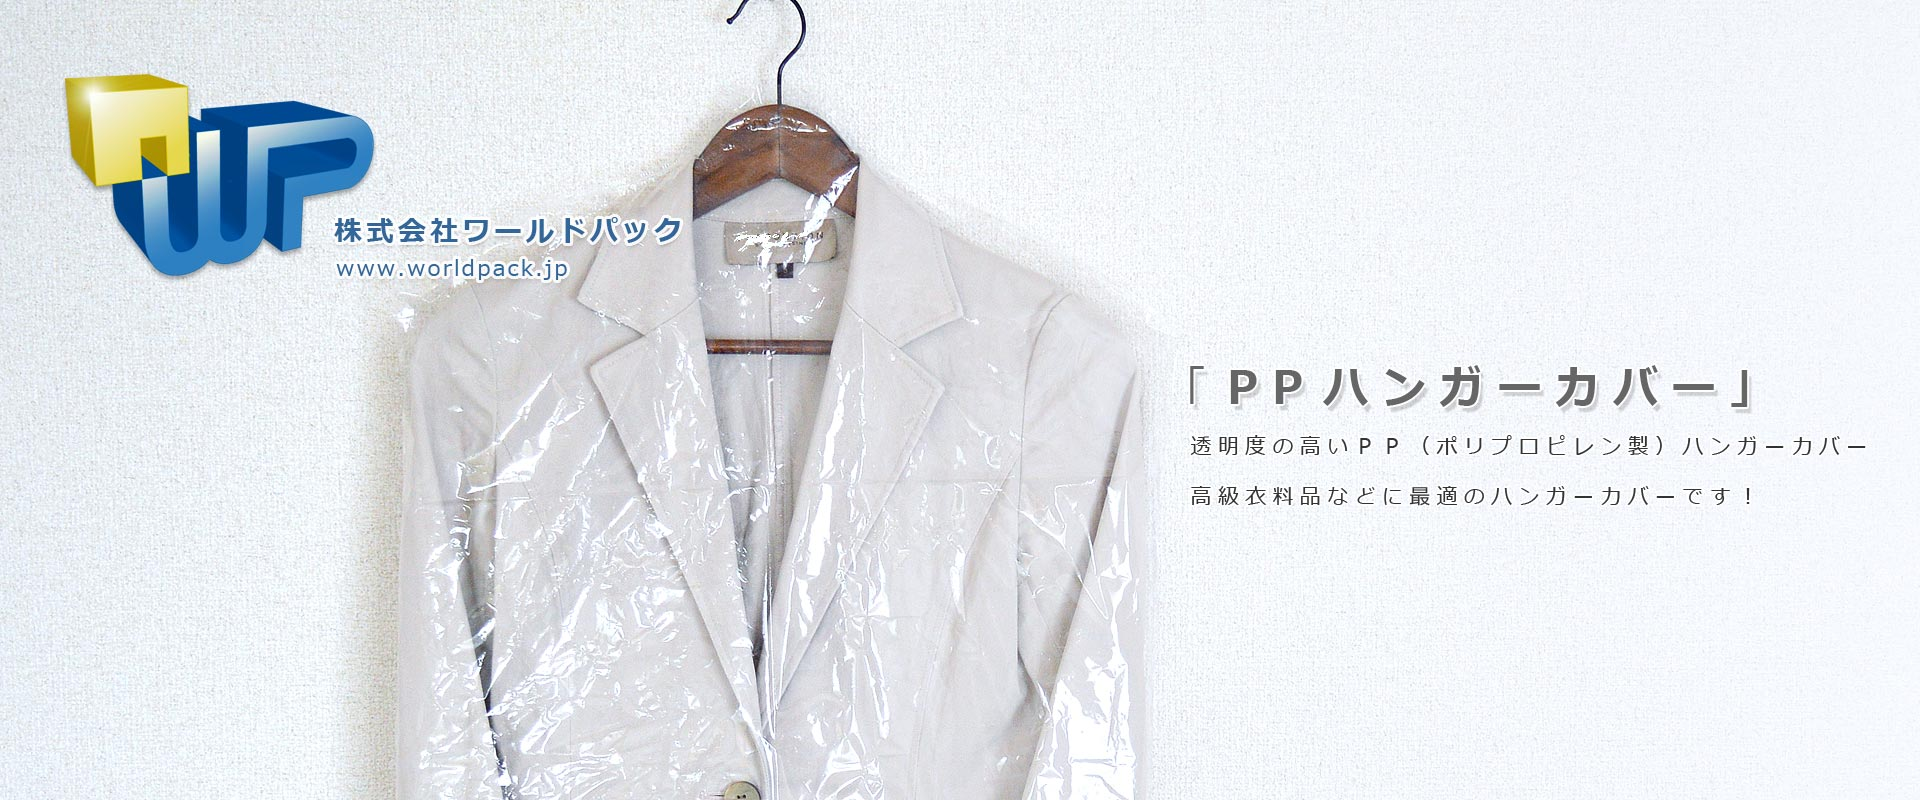 PPハンガーカバー(ポリプロピレン製のハンガーカバー)はアパレル販売にも最適です【迅速対応】株式会社ワールドパック 東京